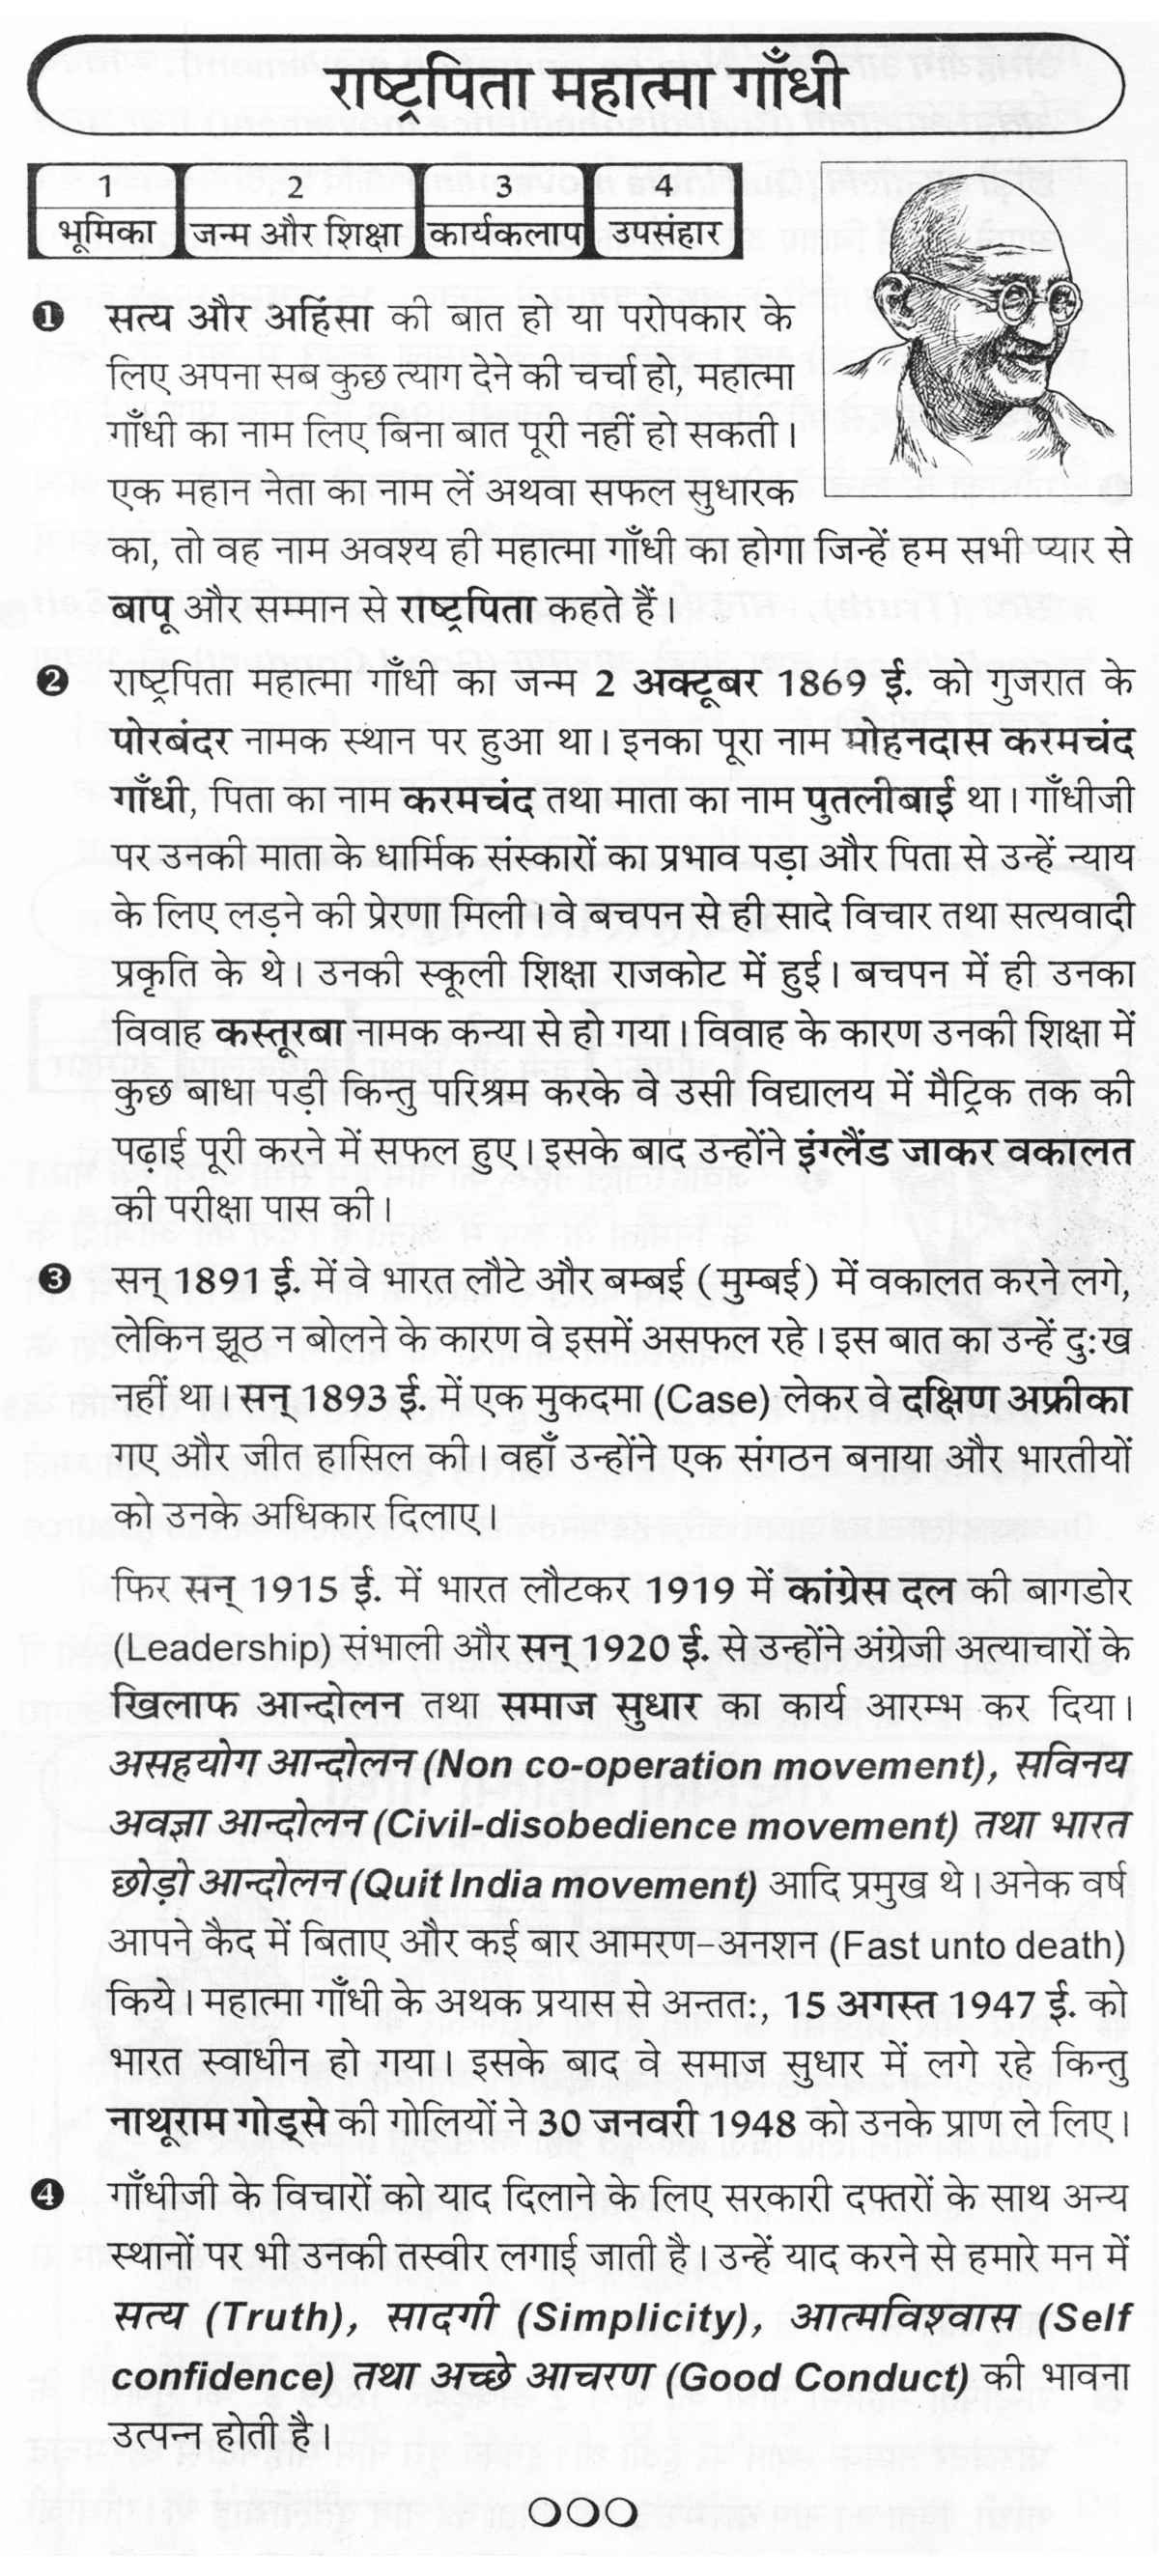 Pachadanam parisubratha essay writing? Creative writing 24